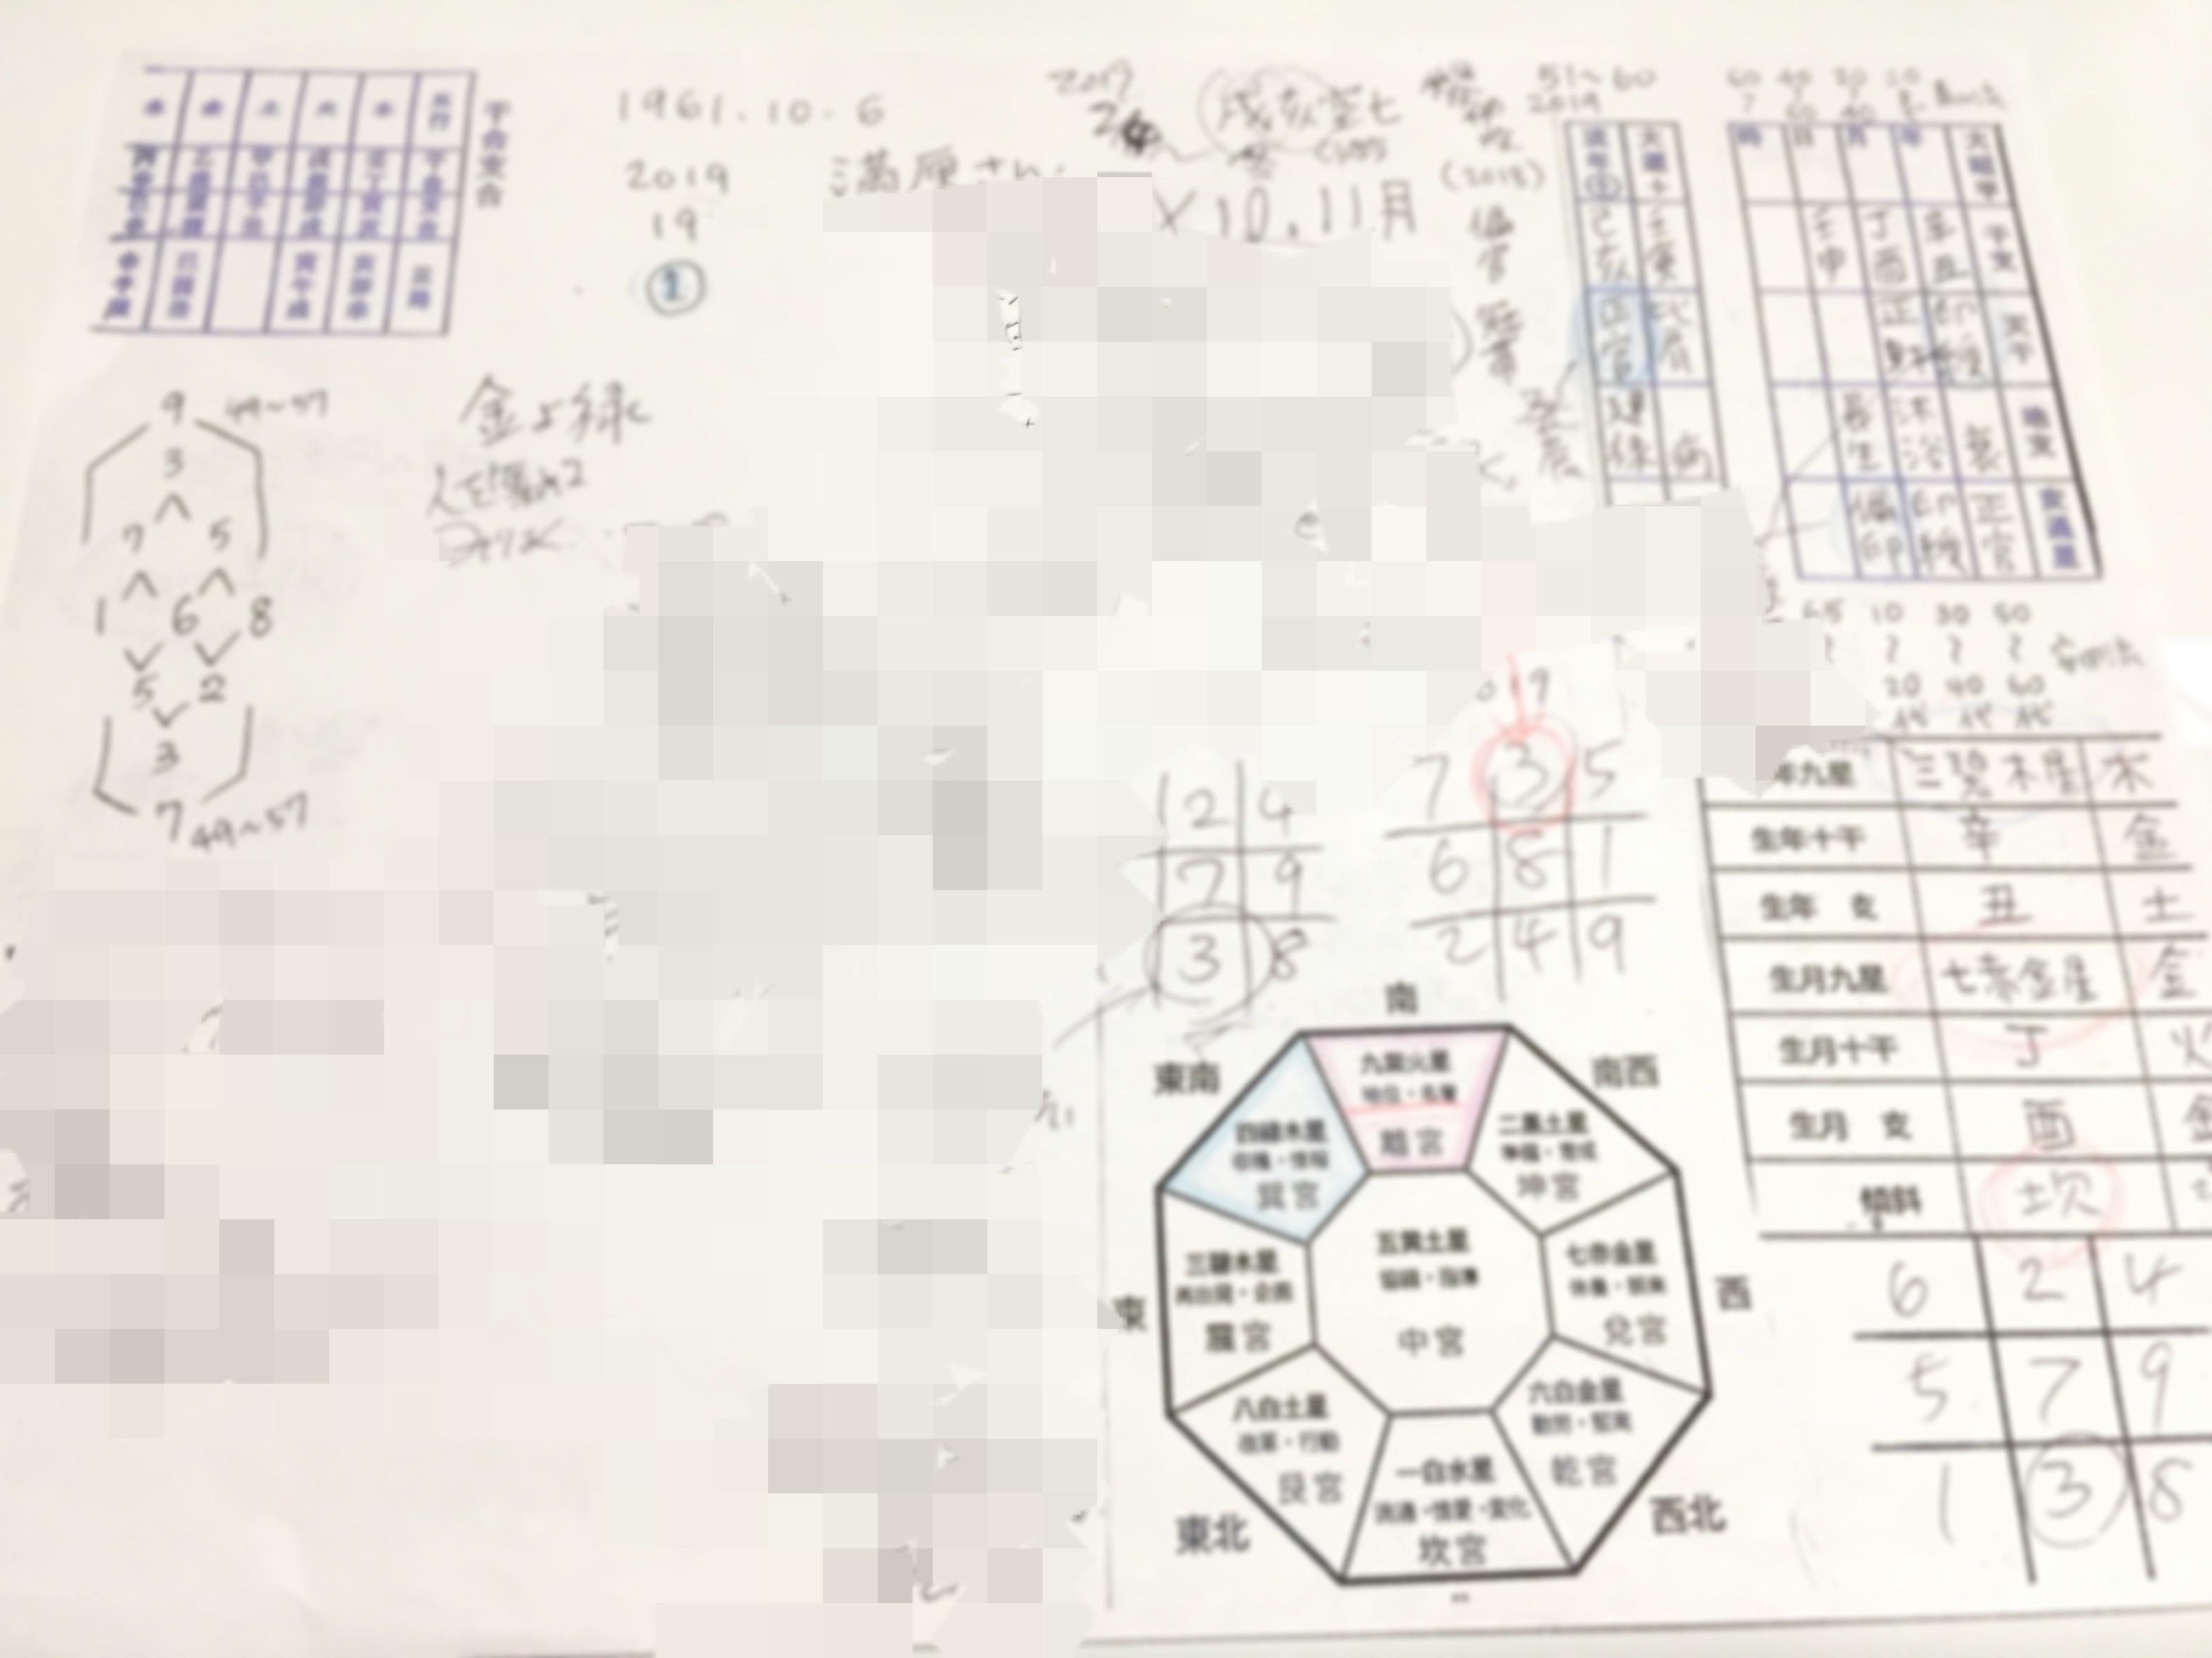 0EA2AE3C-DCDE-4AB8-A7D1-CF4E1C68FECC